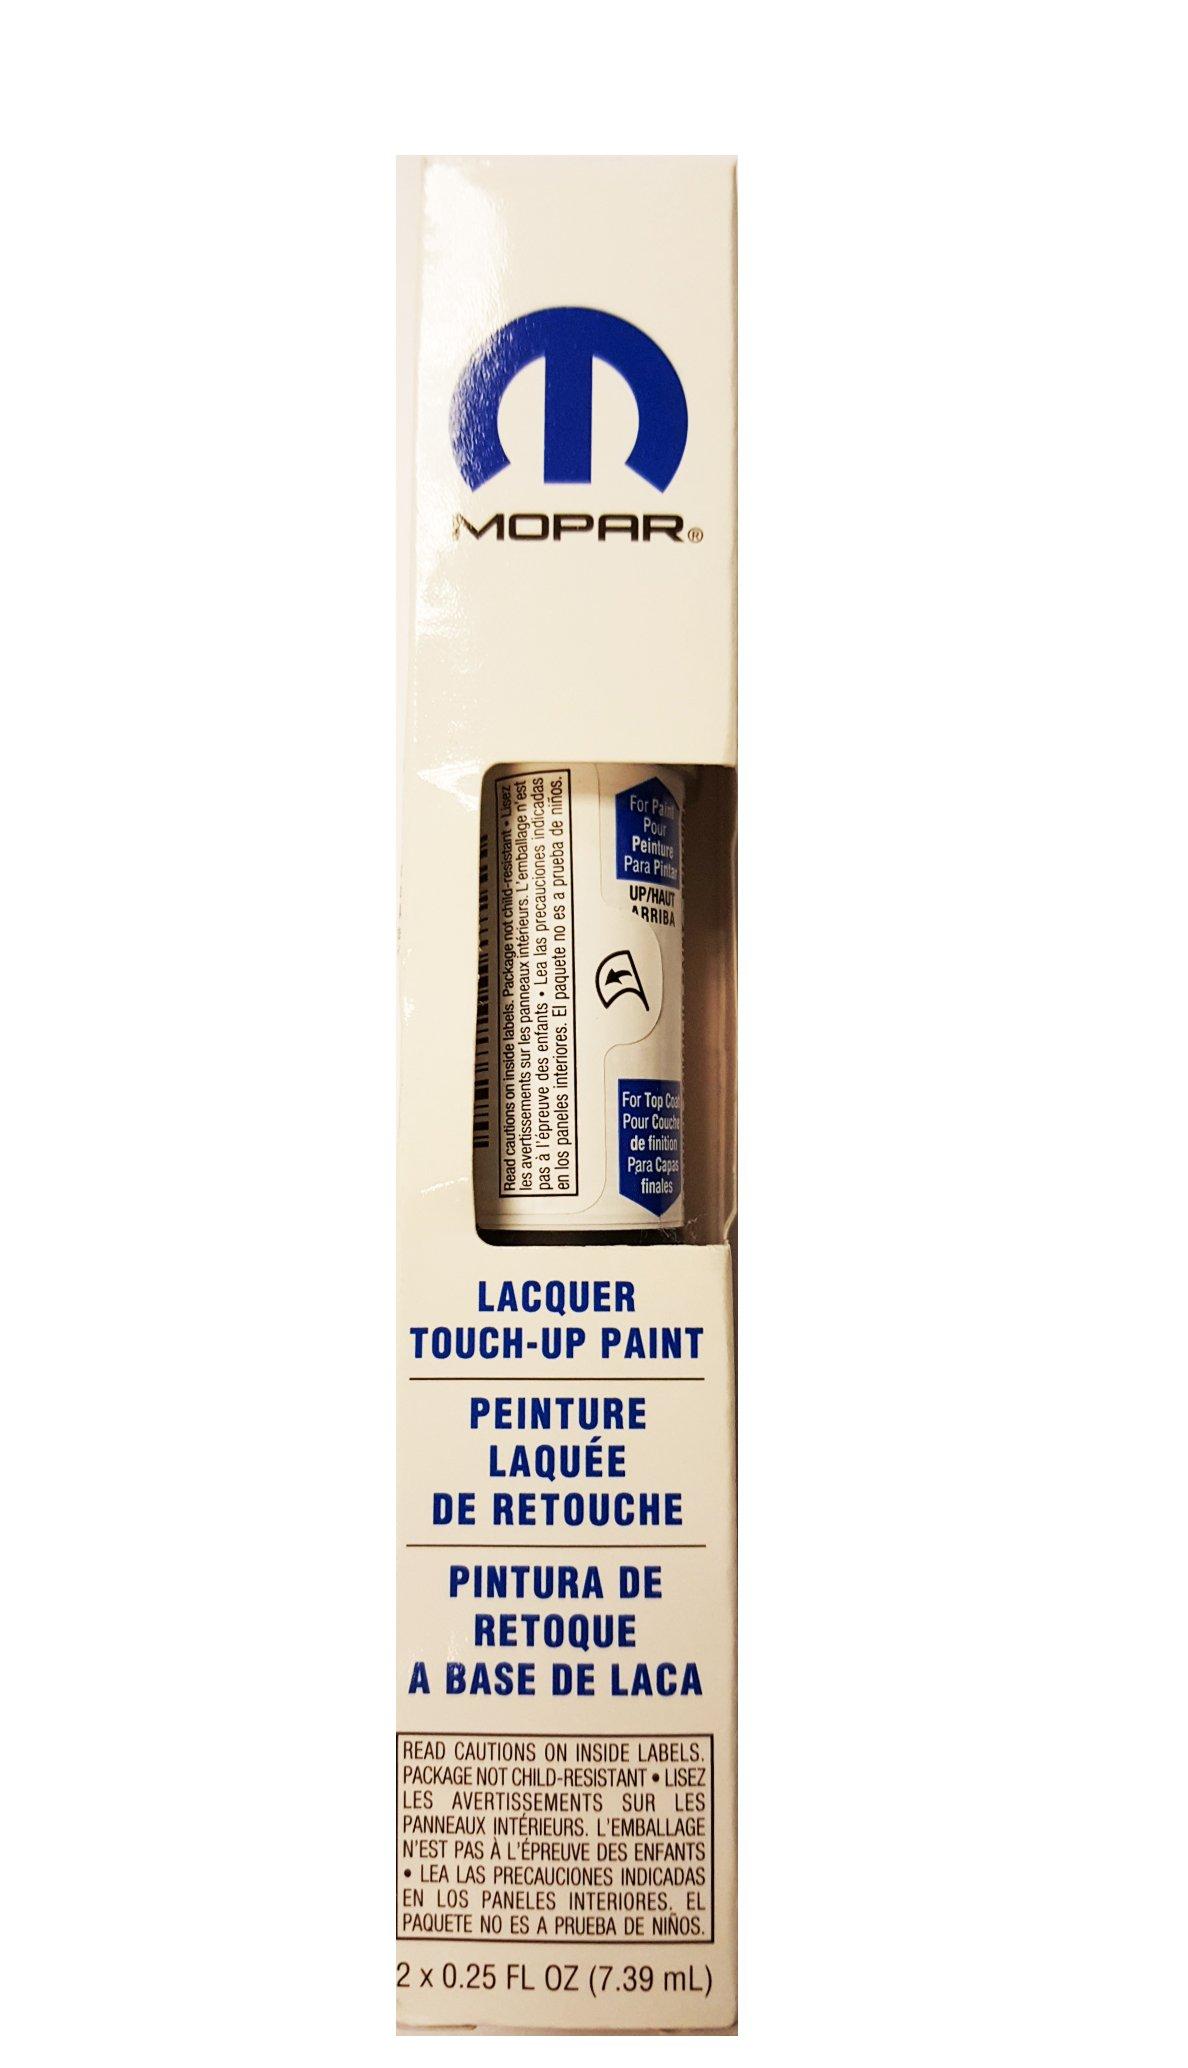 Mopar Touch-Up Paint PW3 5163713AB